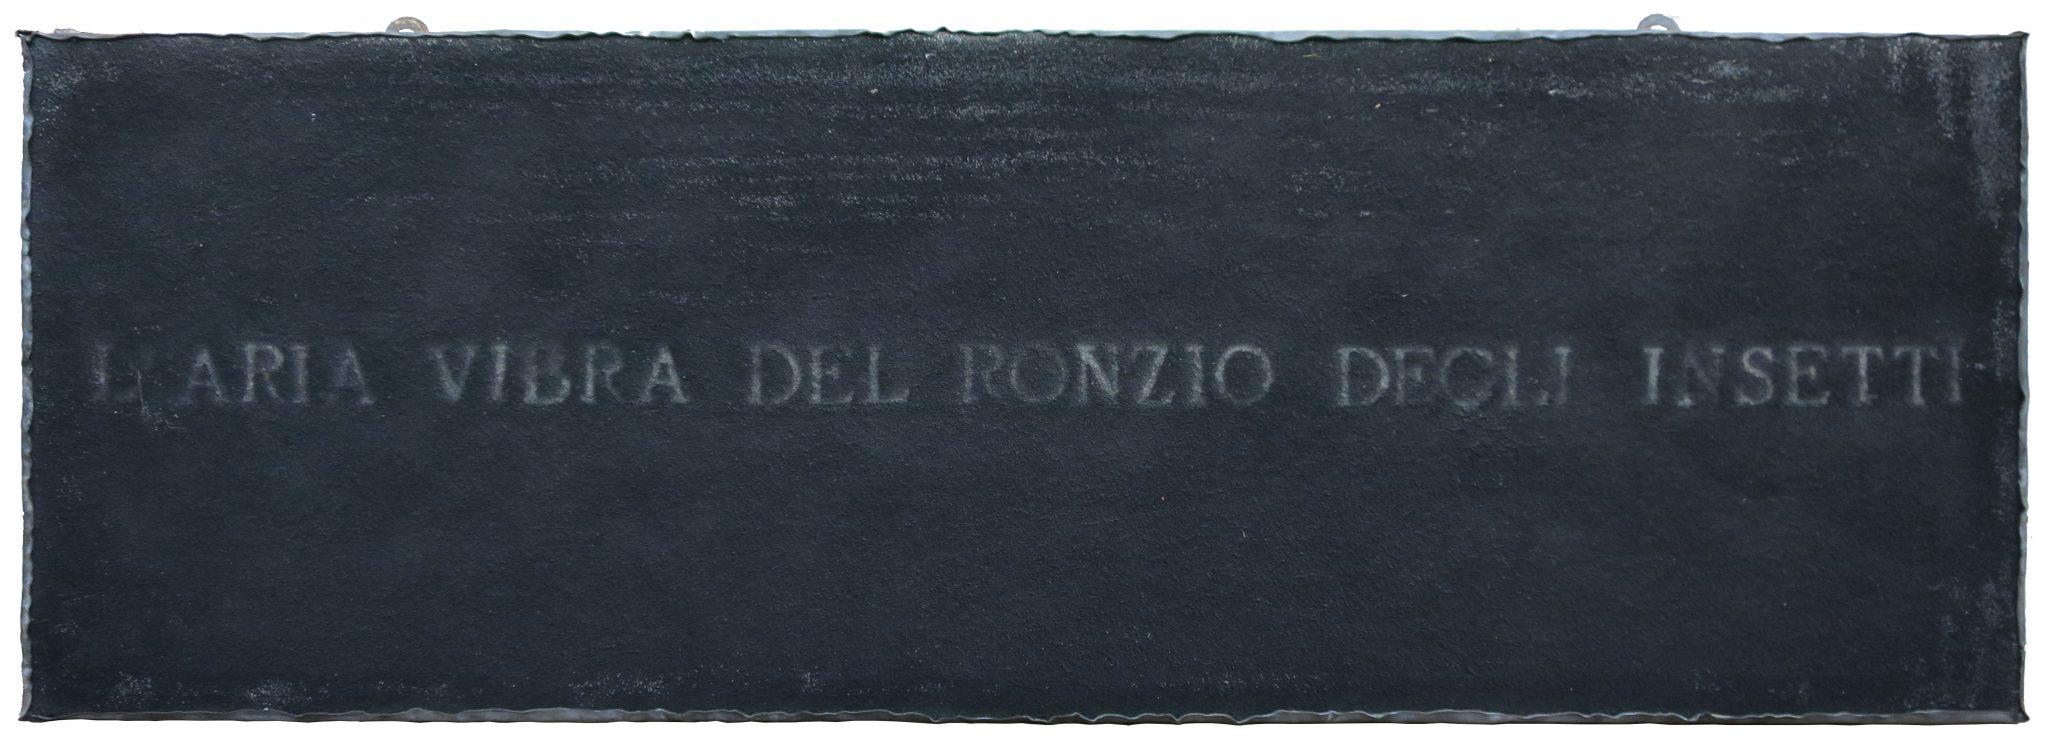 Biquadro, una nuova galleria per l'arte del dopoguerra apre a Caravaggio